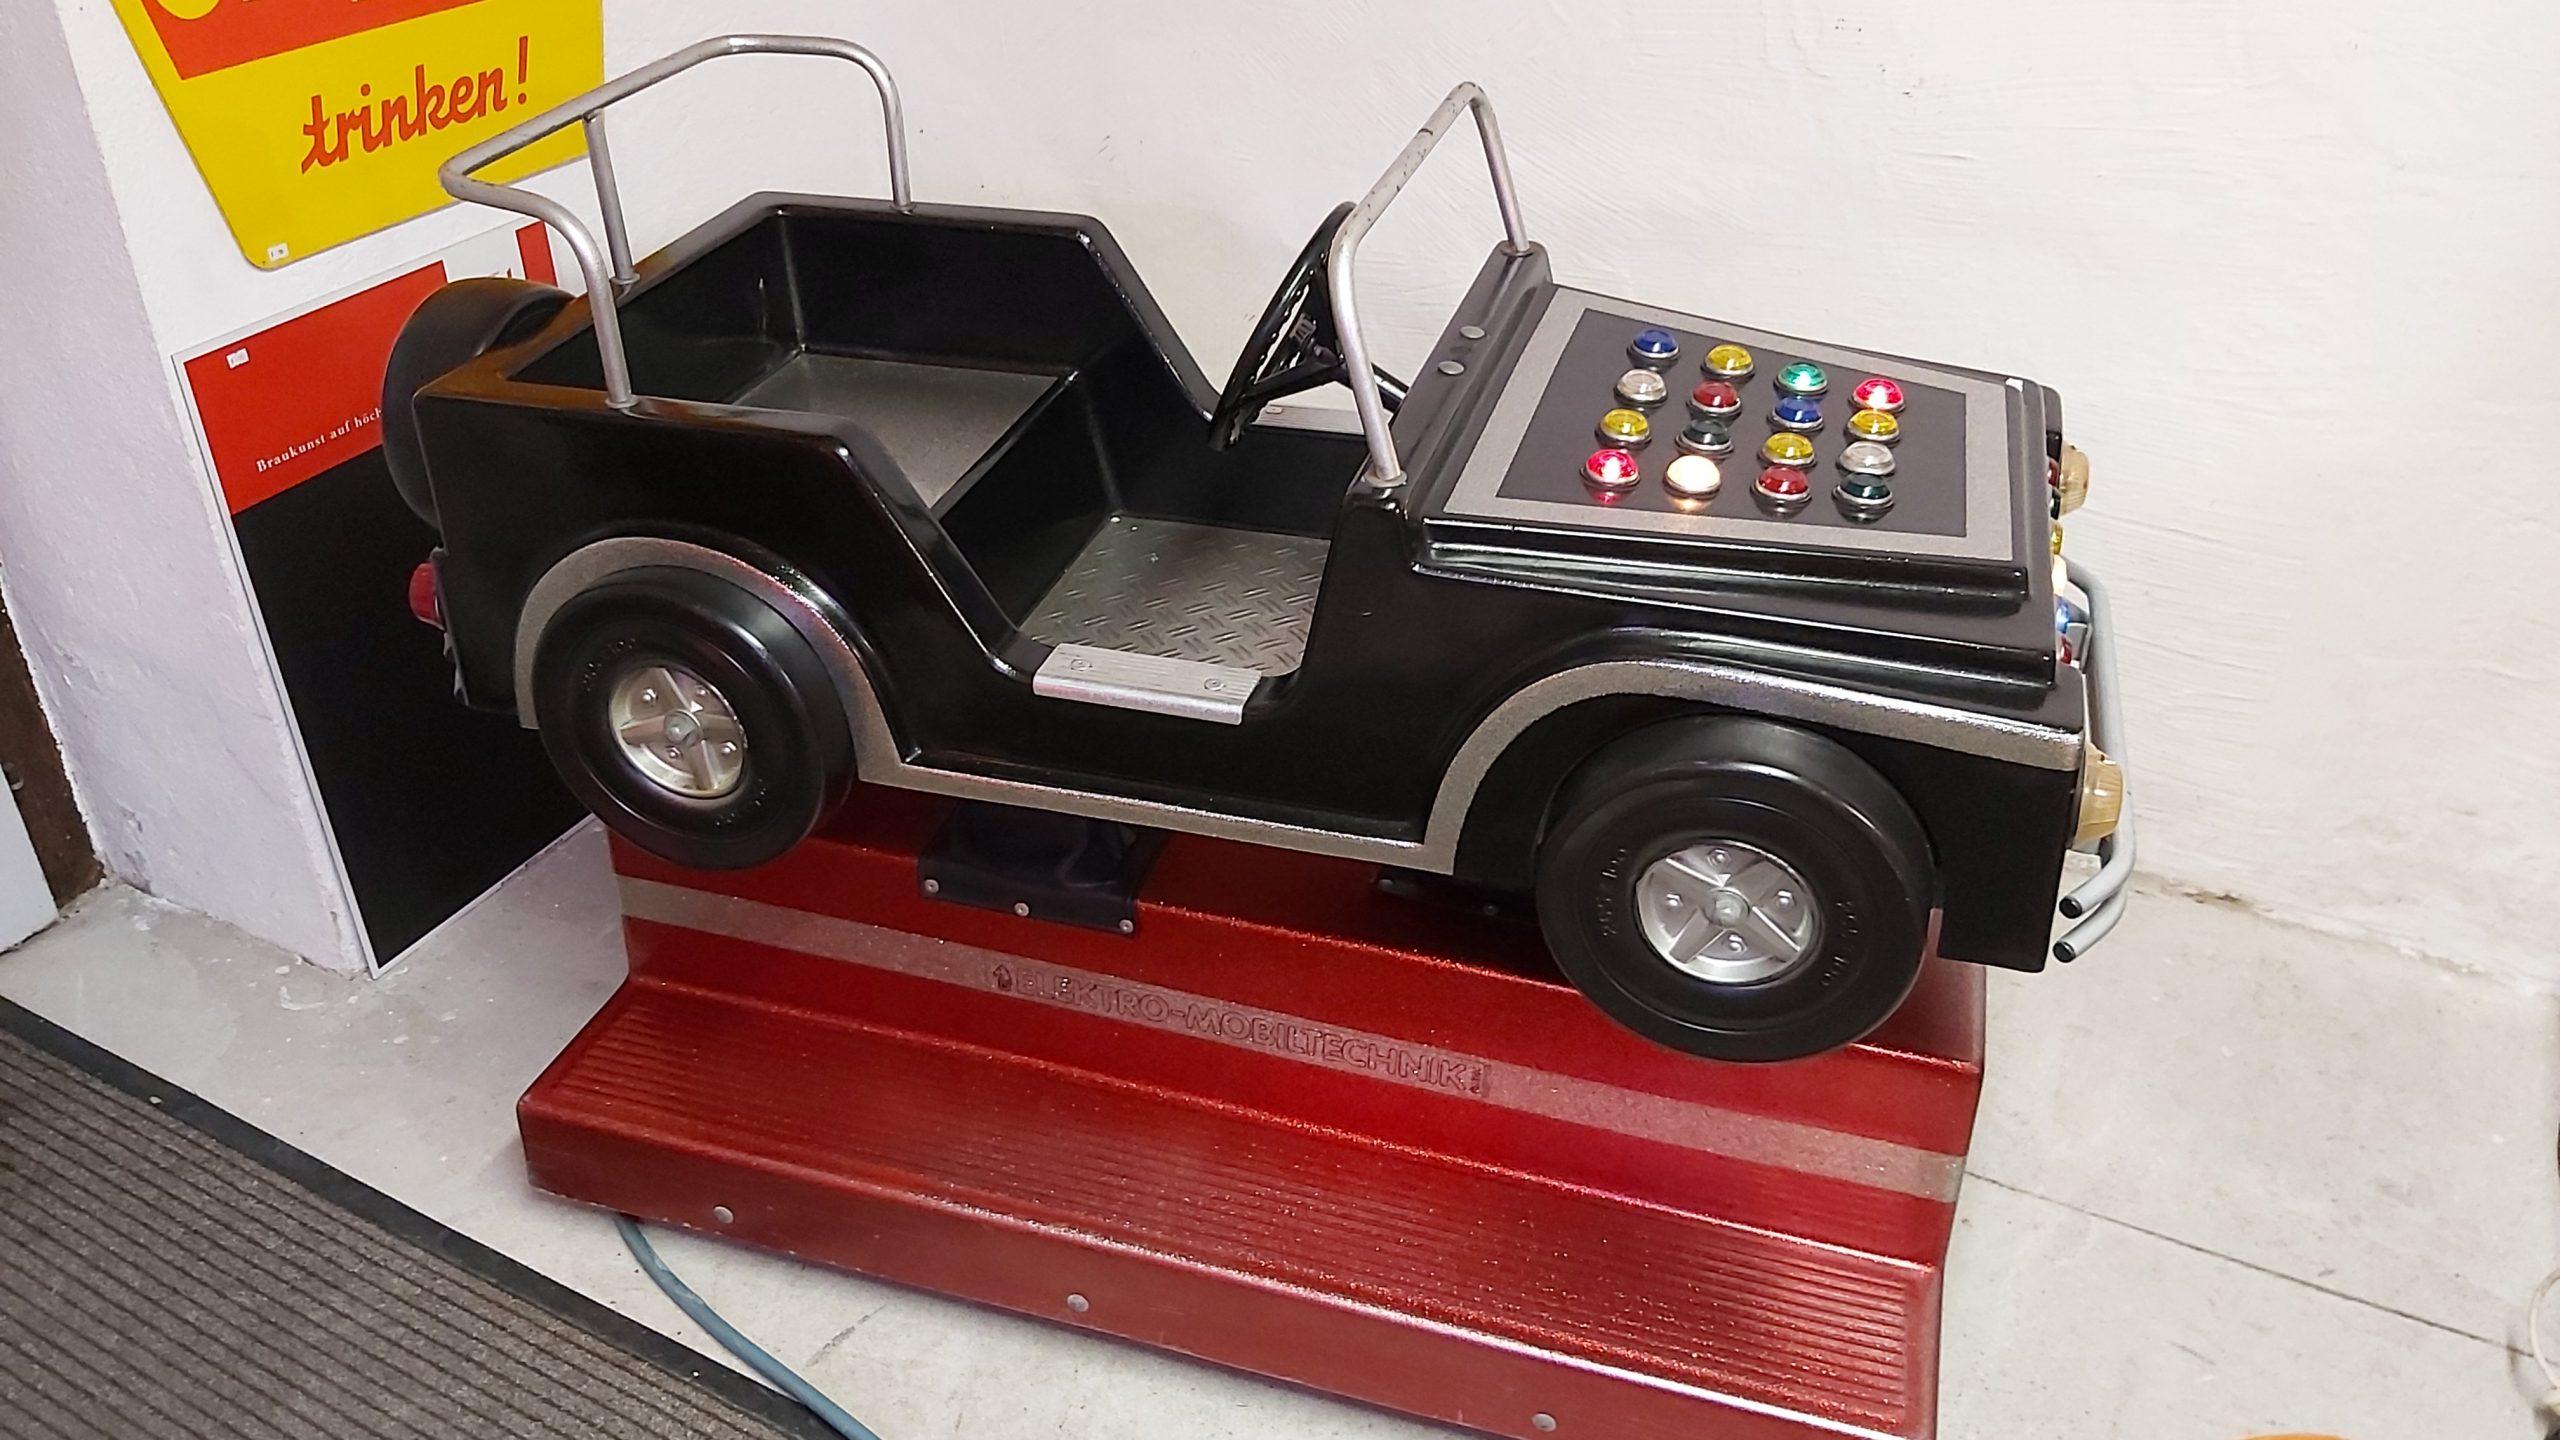 Black Rider Jeep Geländewagen Kiddy Ride mit 1€ Einwurf